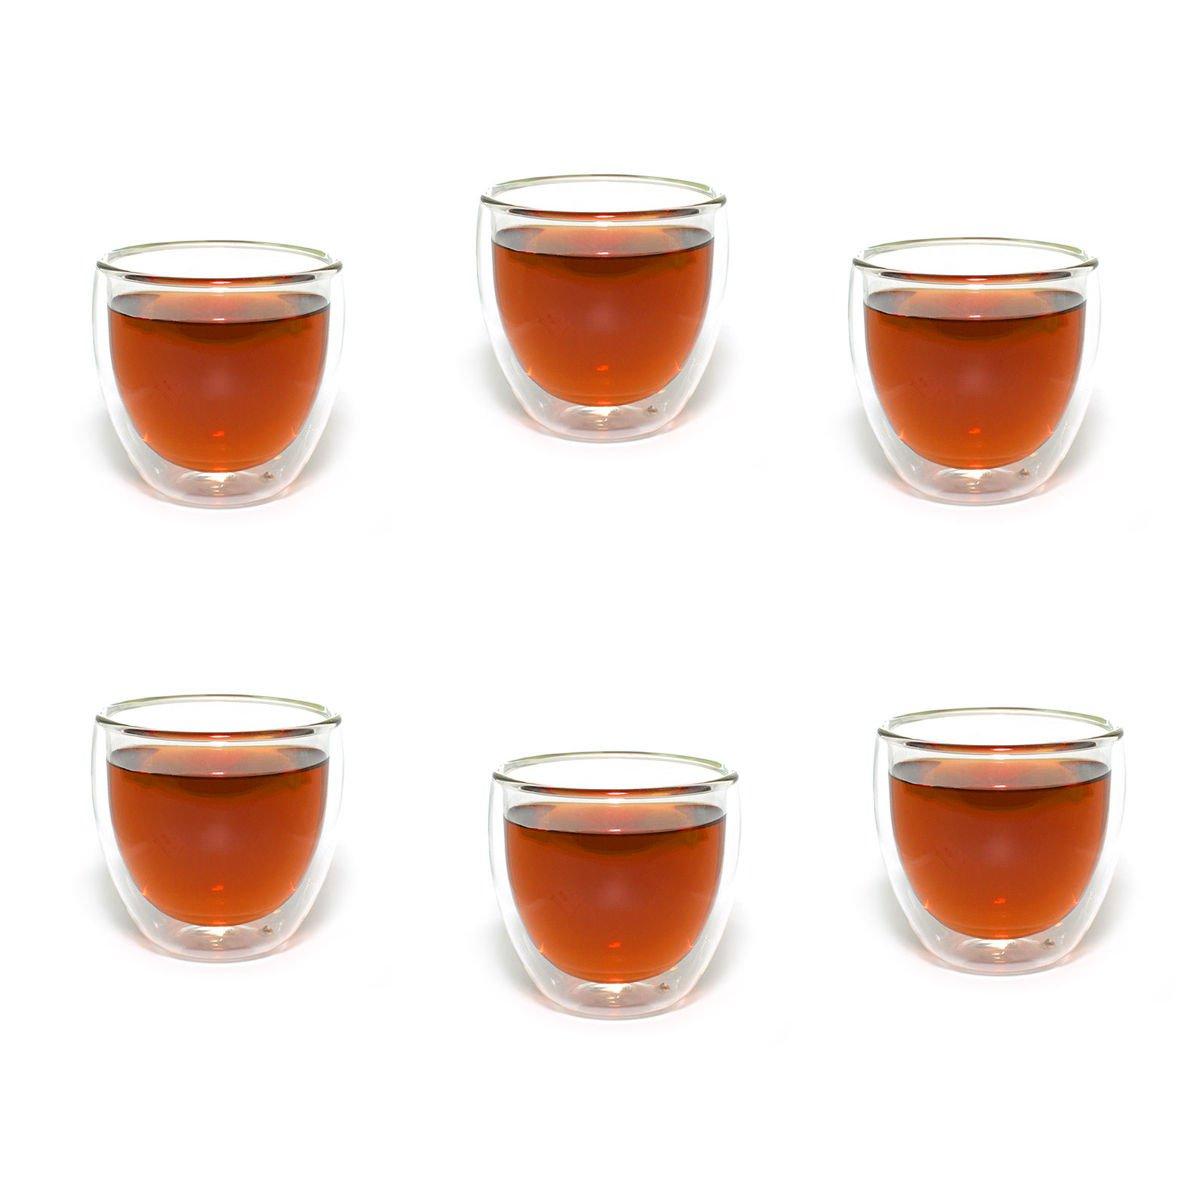 Набор бокалов с двойными стенками (6 бокалов по 250 мл)